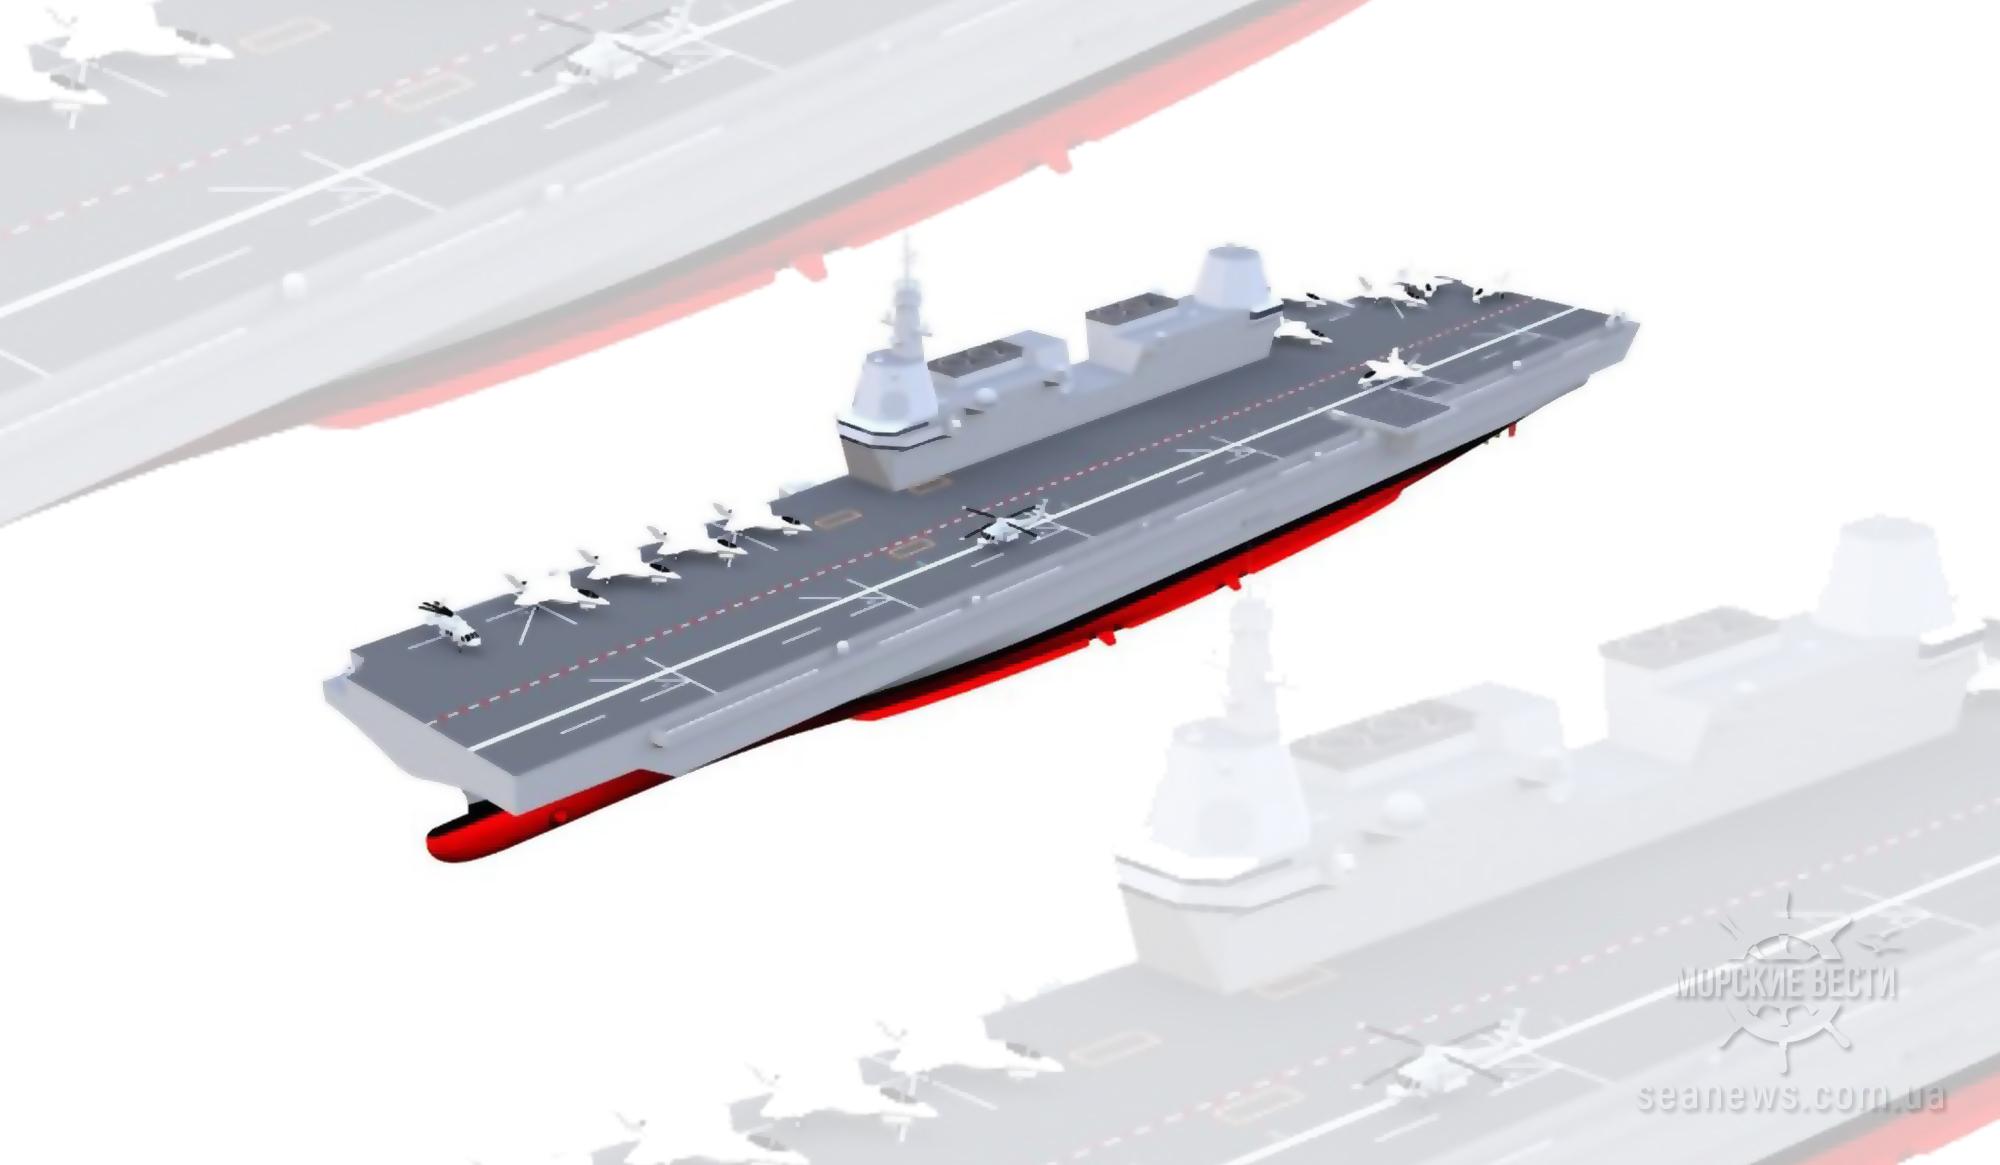 Сеул намерен ускорить программу разработки легкого авианосца